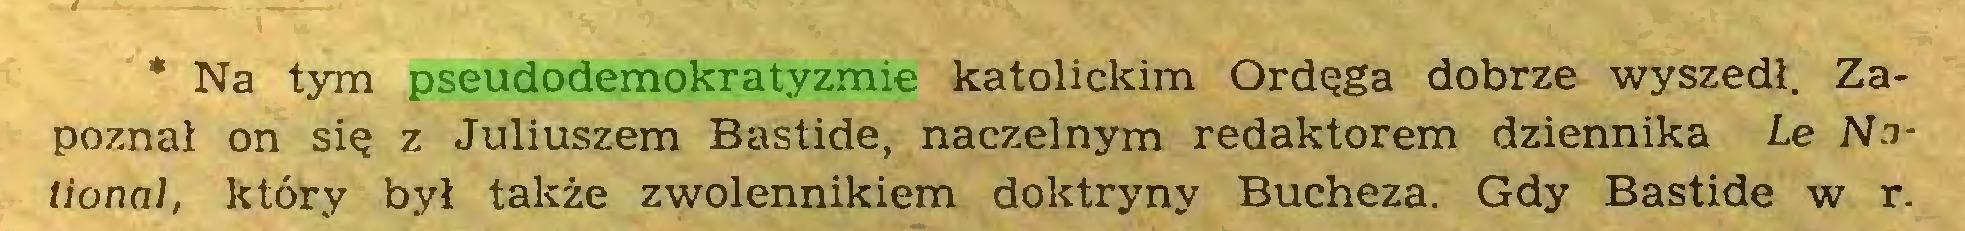 (...) * Na tym pseudodemokratyzmie katolickim Ordęga dobrze wyszedł. Zapoznał on się z Juliuszem Bastide, naczelnym redaktorem dziennika Le National, który był także zwolennikiem doktryny Bucheza. Gdy Bastide w r...